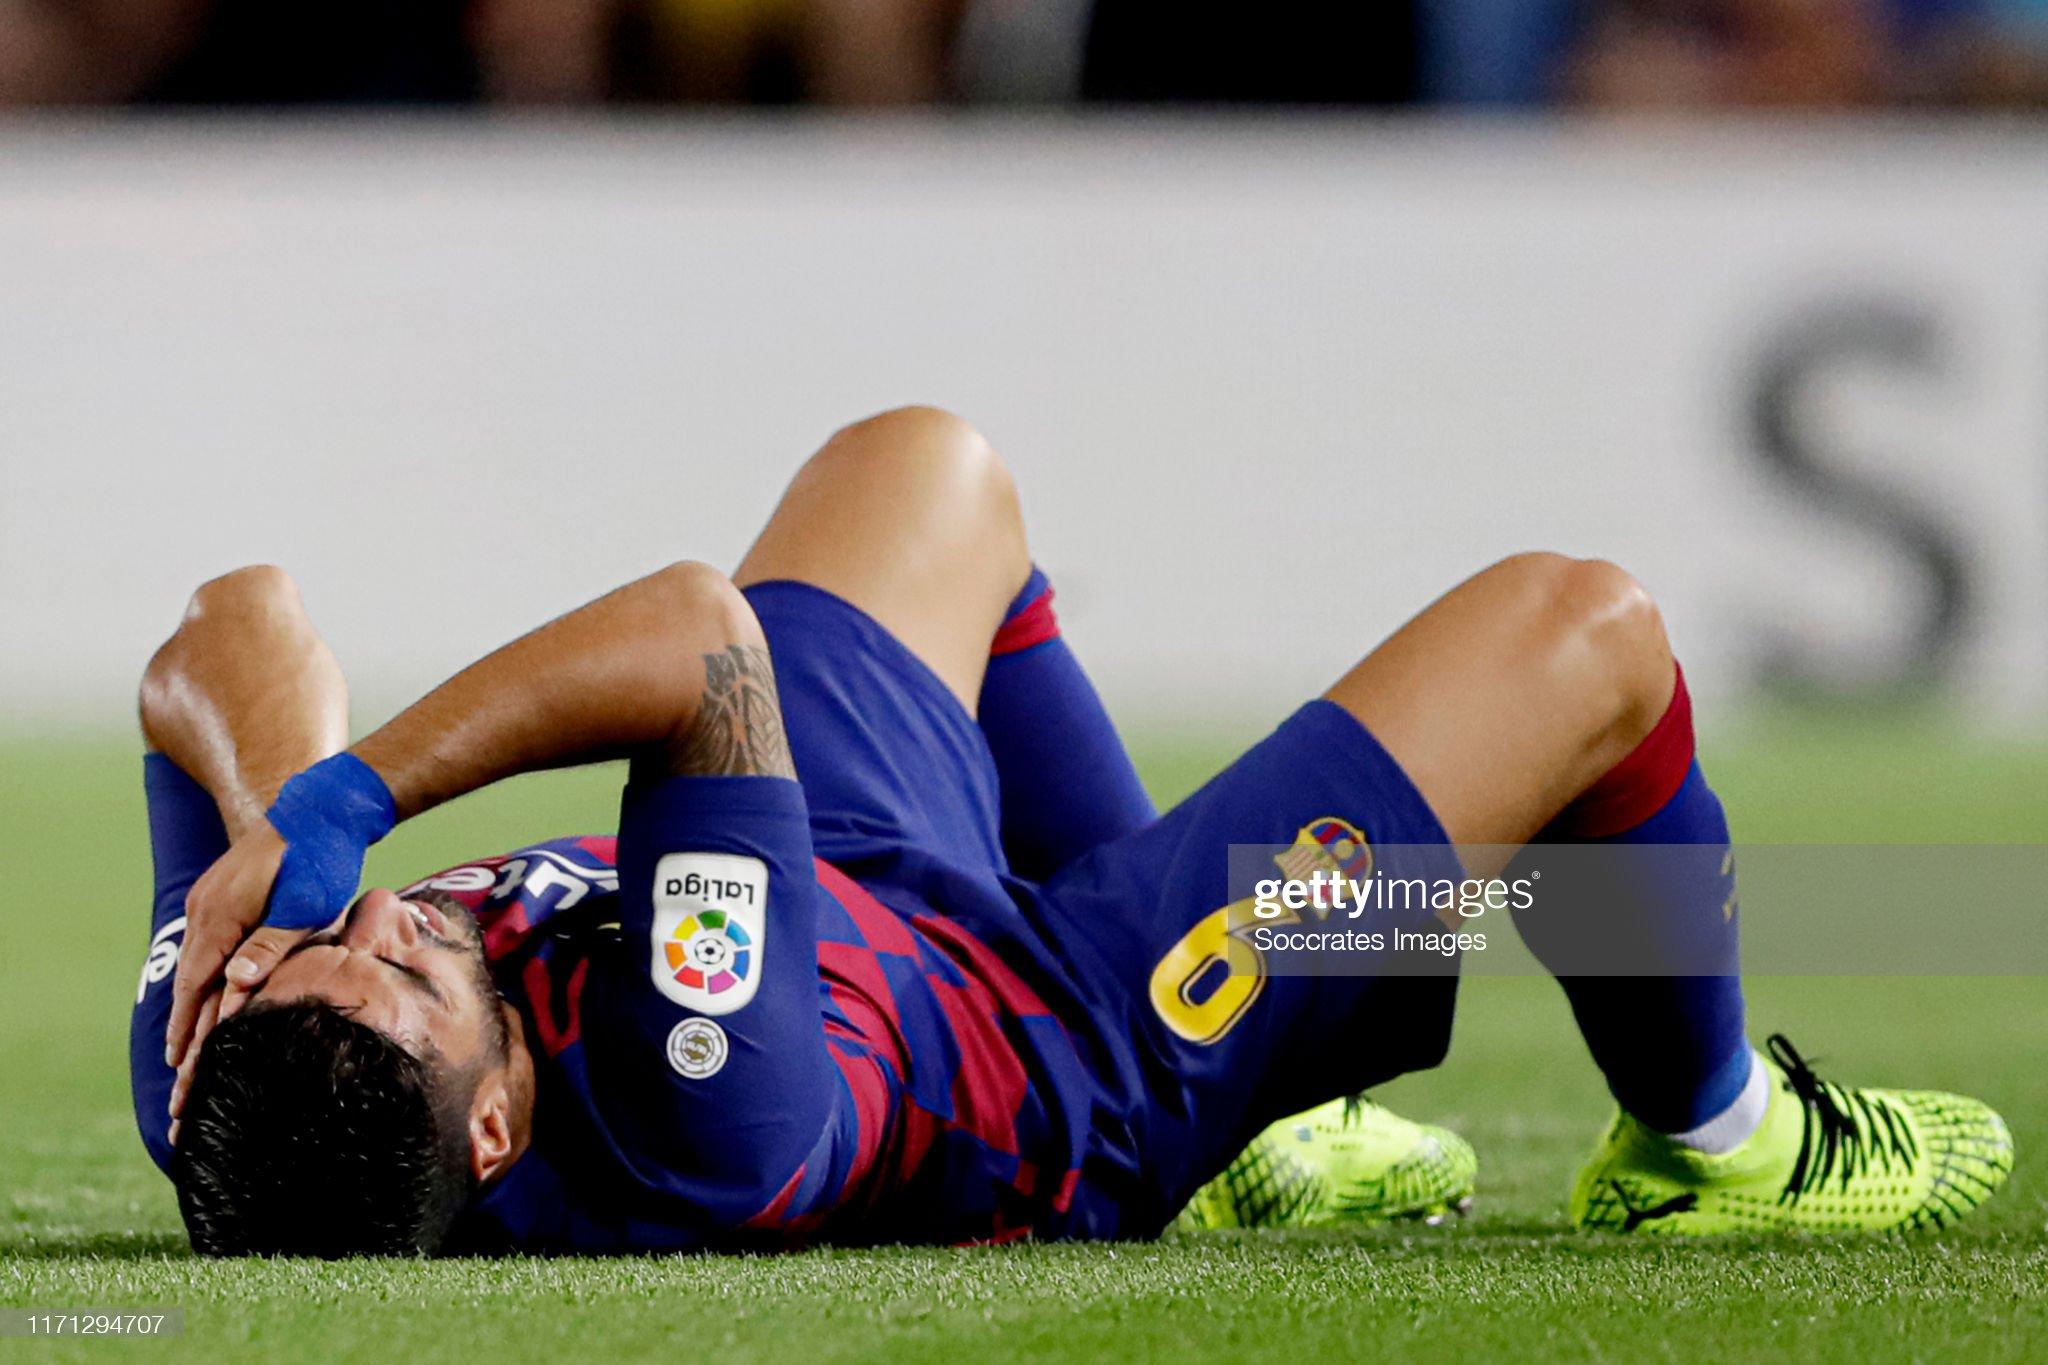 صور مباراة : برشلونة - فياريال 2-1 ( 24-09-2019 )  Luis-suarez-of-fc-barcelona-during-the-la-liga-santander-match-fc-v-picture-id1171294707?s=2048x2048